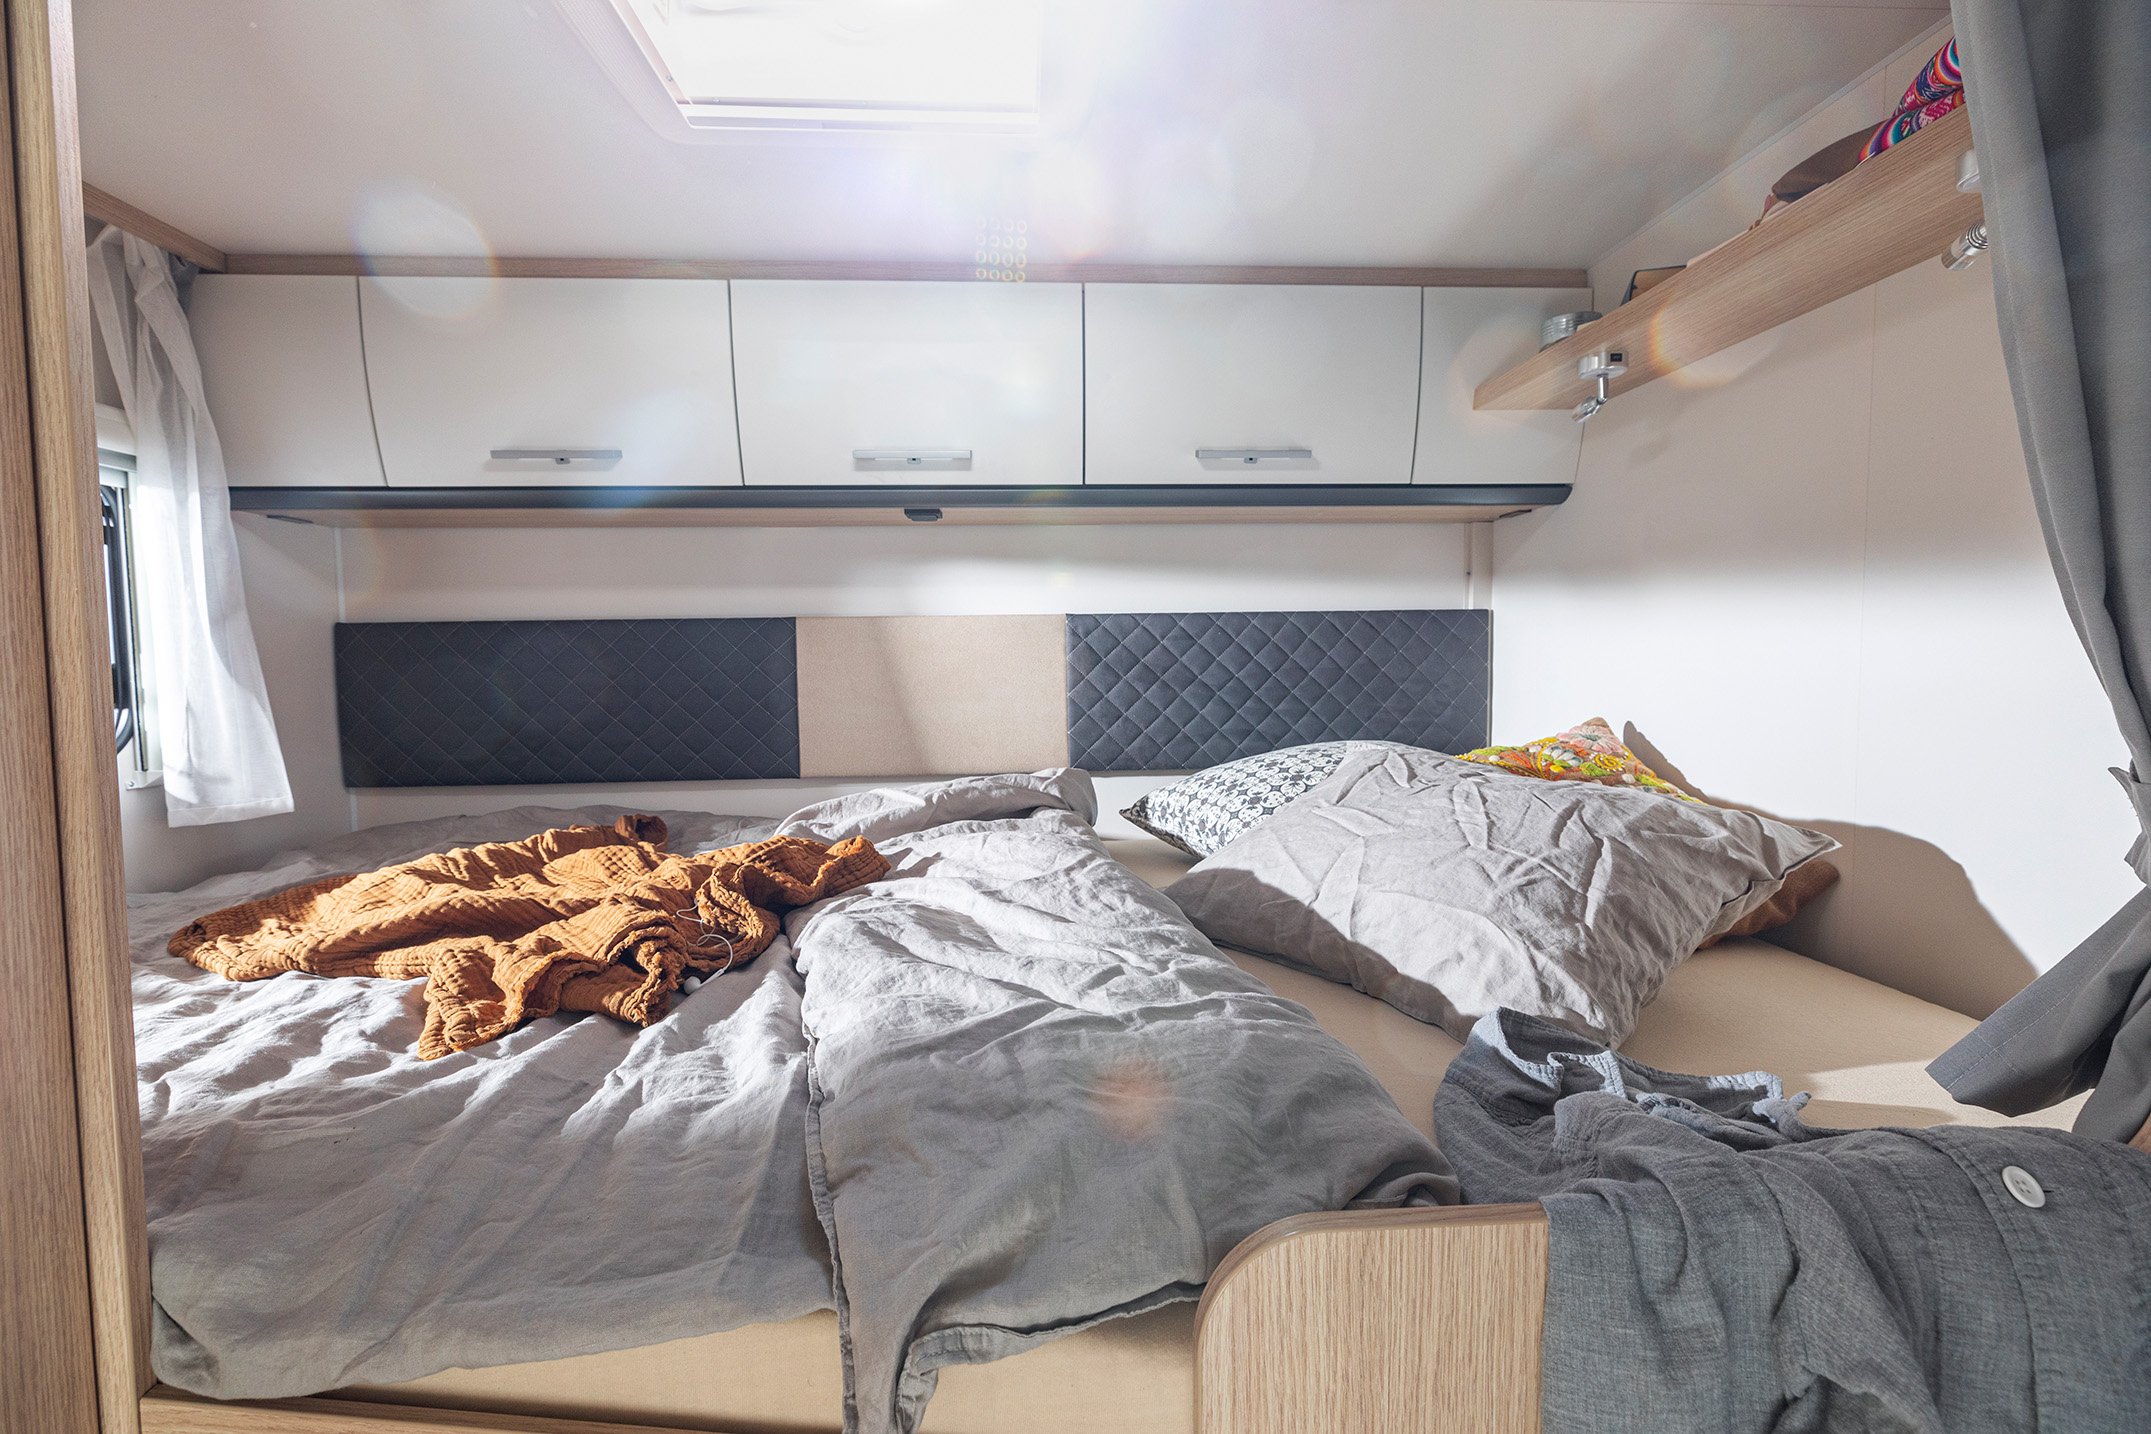 Dobbeltseng i Family Standard, som kan sænkes ned fra loftet.